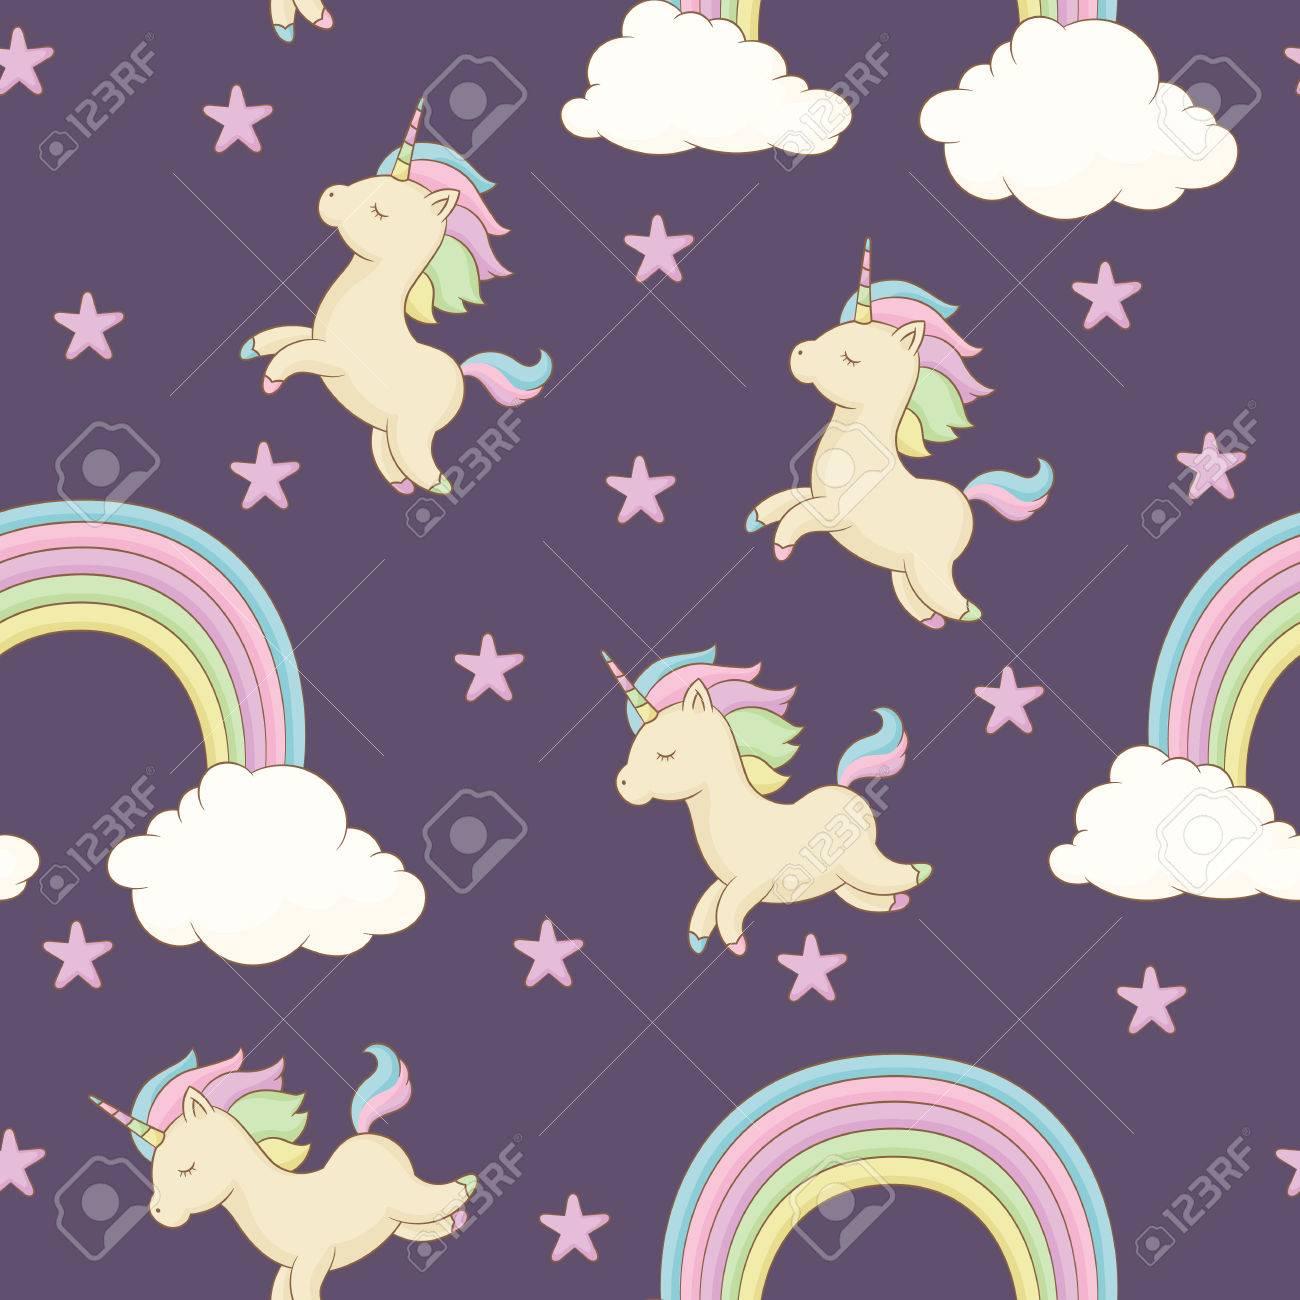 einhorn mit regenbogenmhne sterne und regenbogen mit wolken